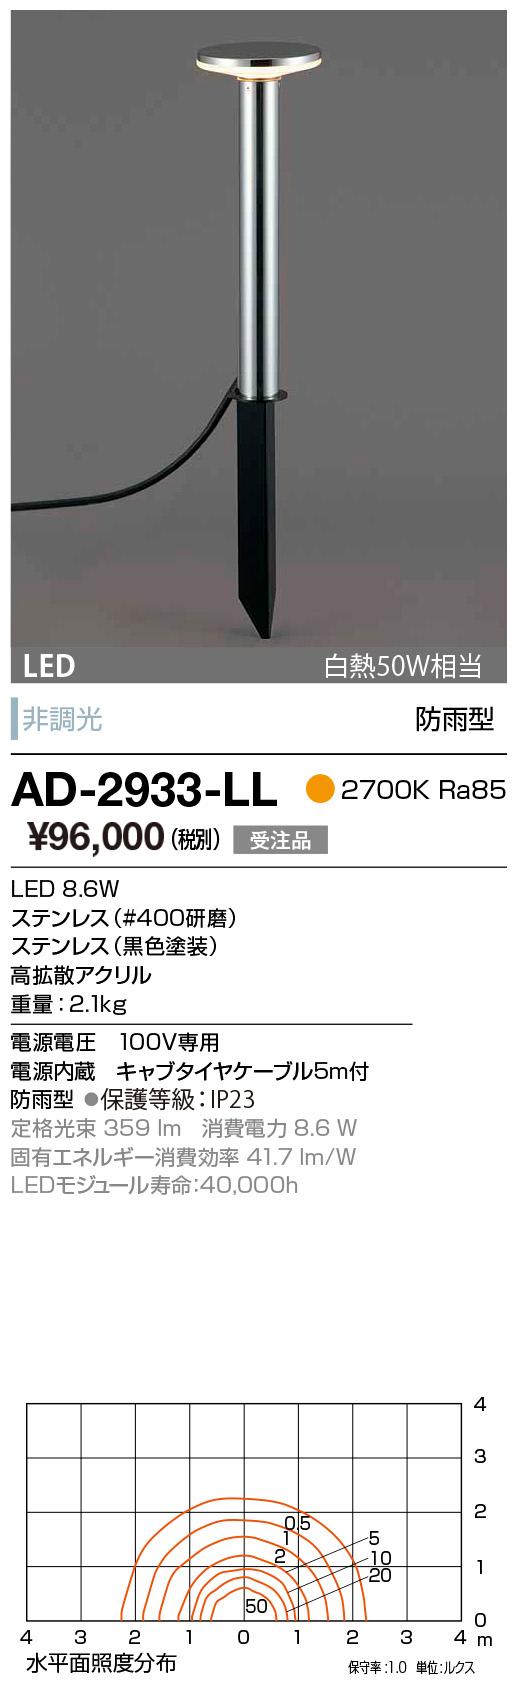 山田照明 照明器具エクステリア LED一体型スーパースリムガーデンライト下方配光 電球色 白熱50W相当非調光 防雨型AD-2933-LL